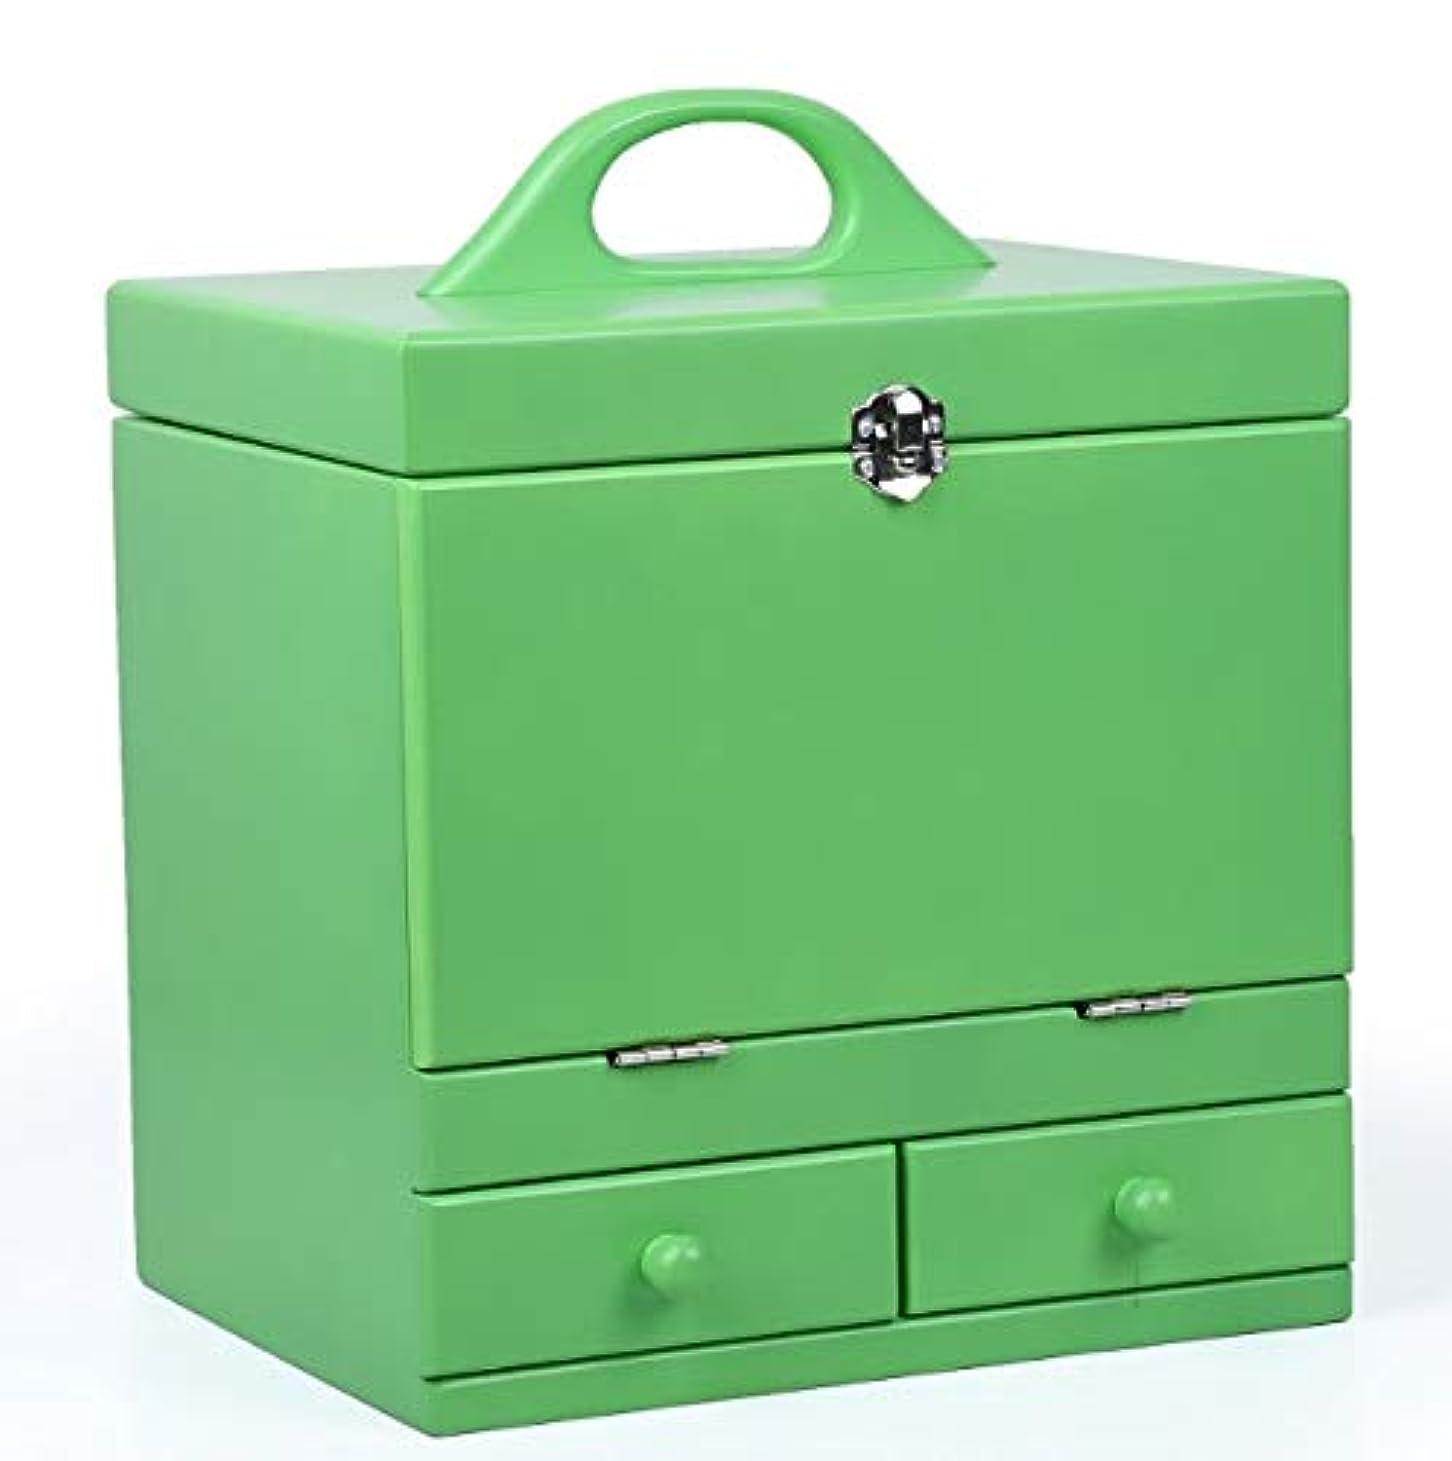 解明飾るクレーン化粧箱、グリーンダブルデッカーヴィンテージ木製彫刻が施された化粧ケース、ミラー、高級ウェディングギフト、新築祝いギフト、美容ネイルジュエリー収納ボックス